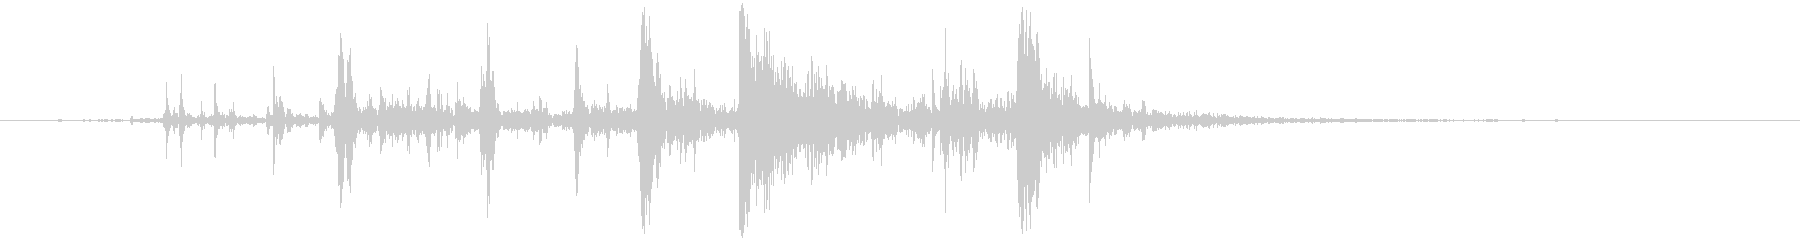 クイッククランキングクランチ;ヴィ...の未再生の波形